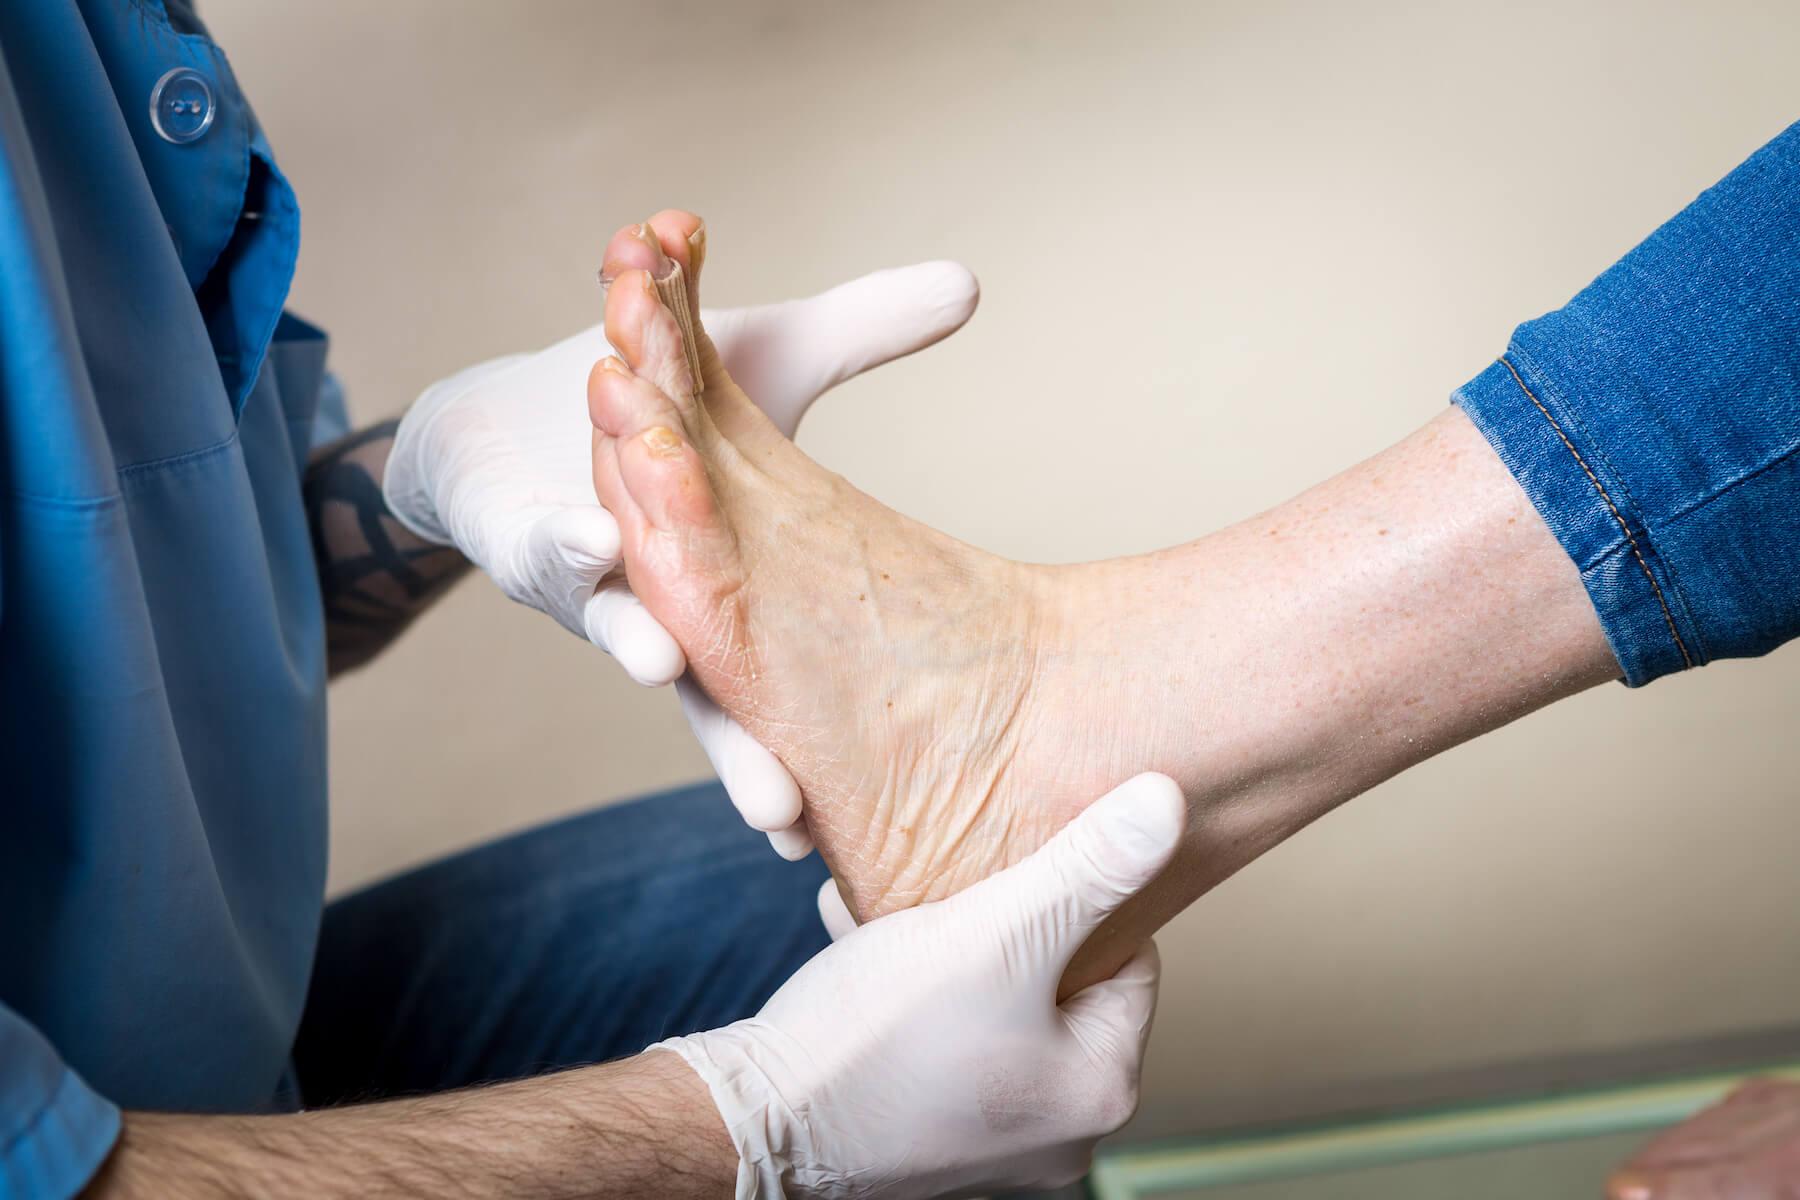 Checking foot